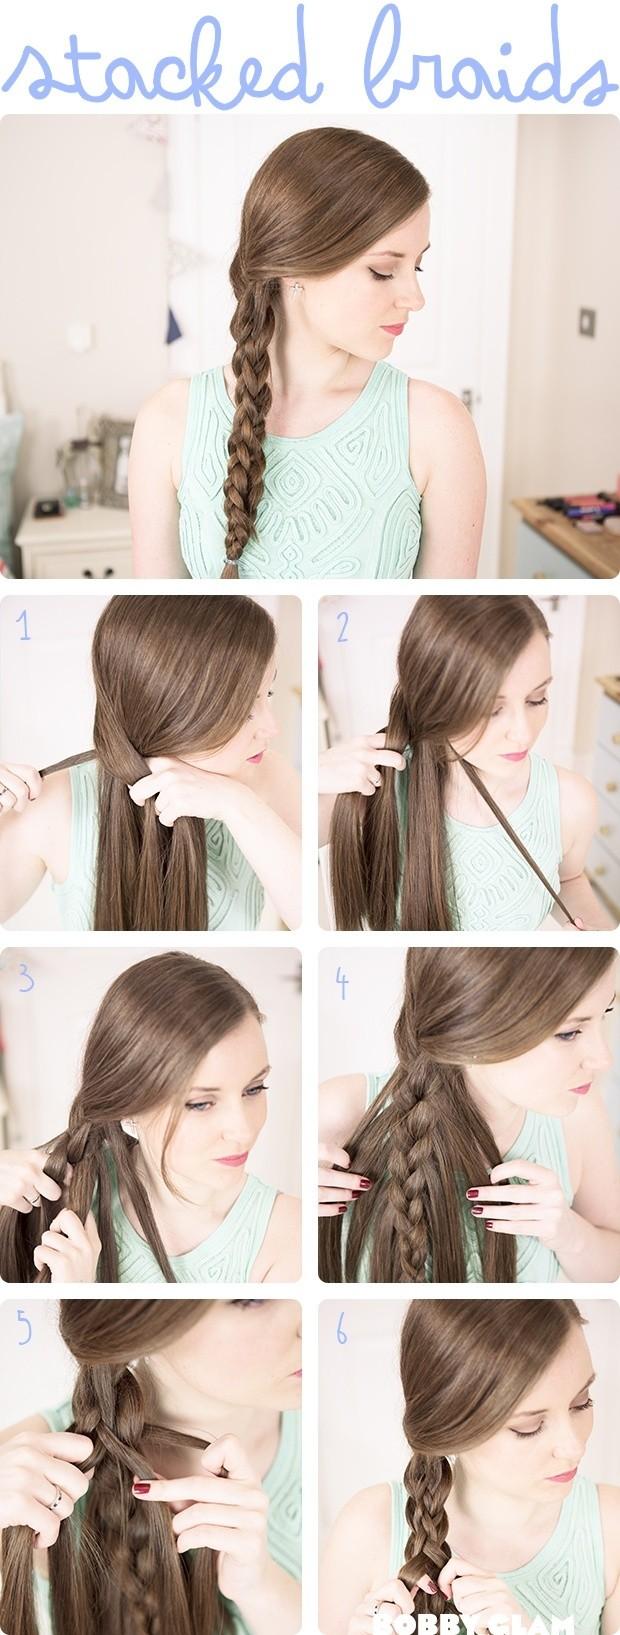 Прически на каждый день длинные волосы с фото8